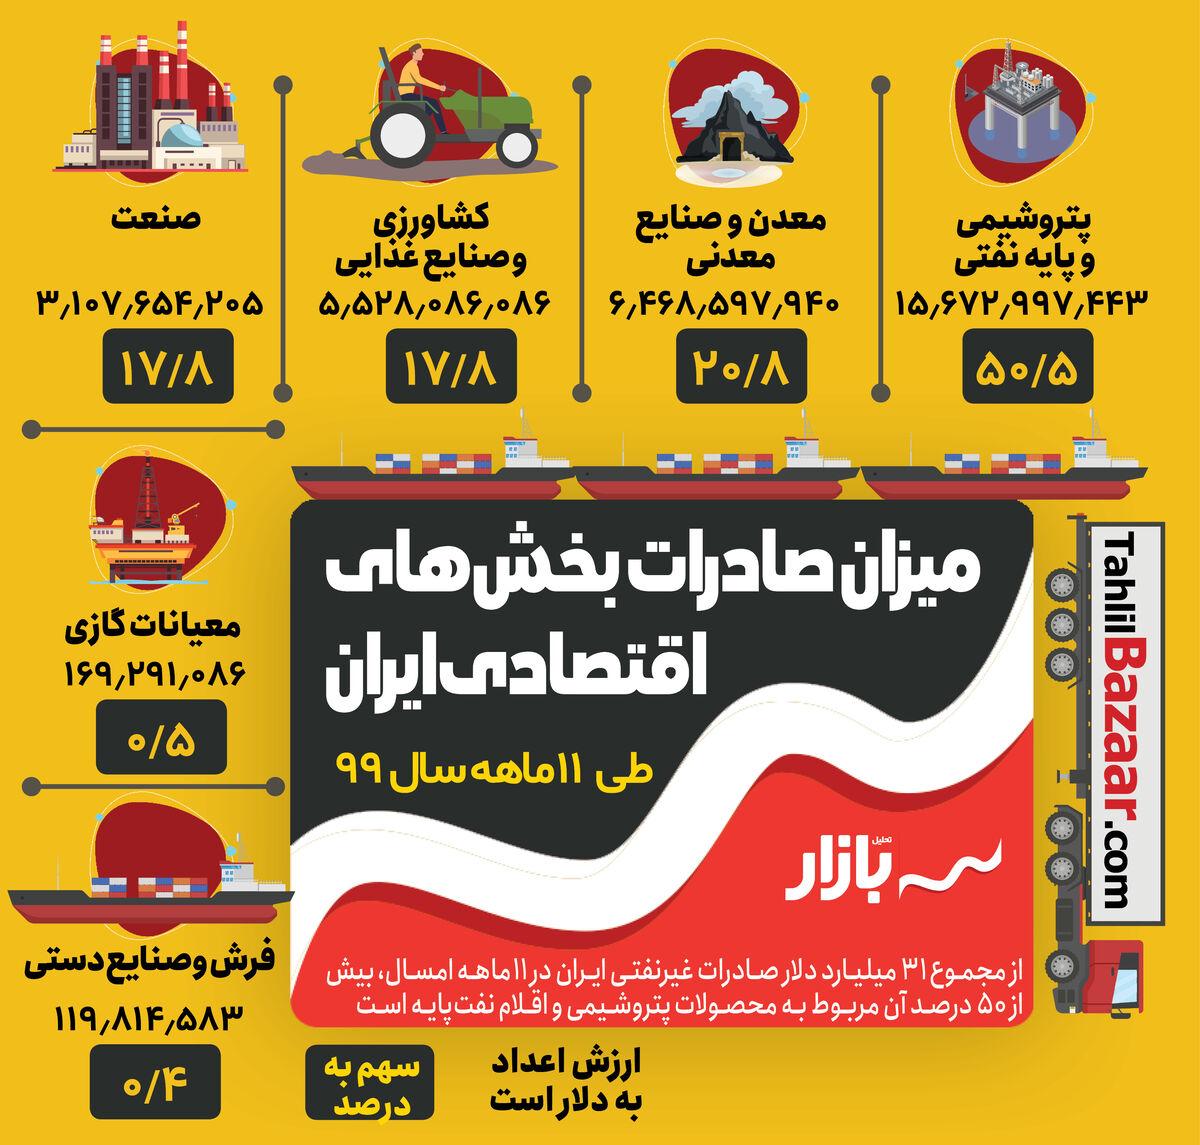 میزان صادرات بخشهای اقتصادی ایران